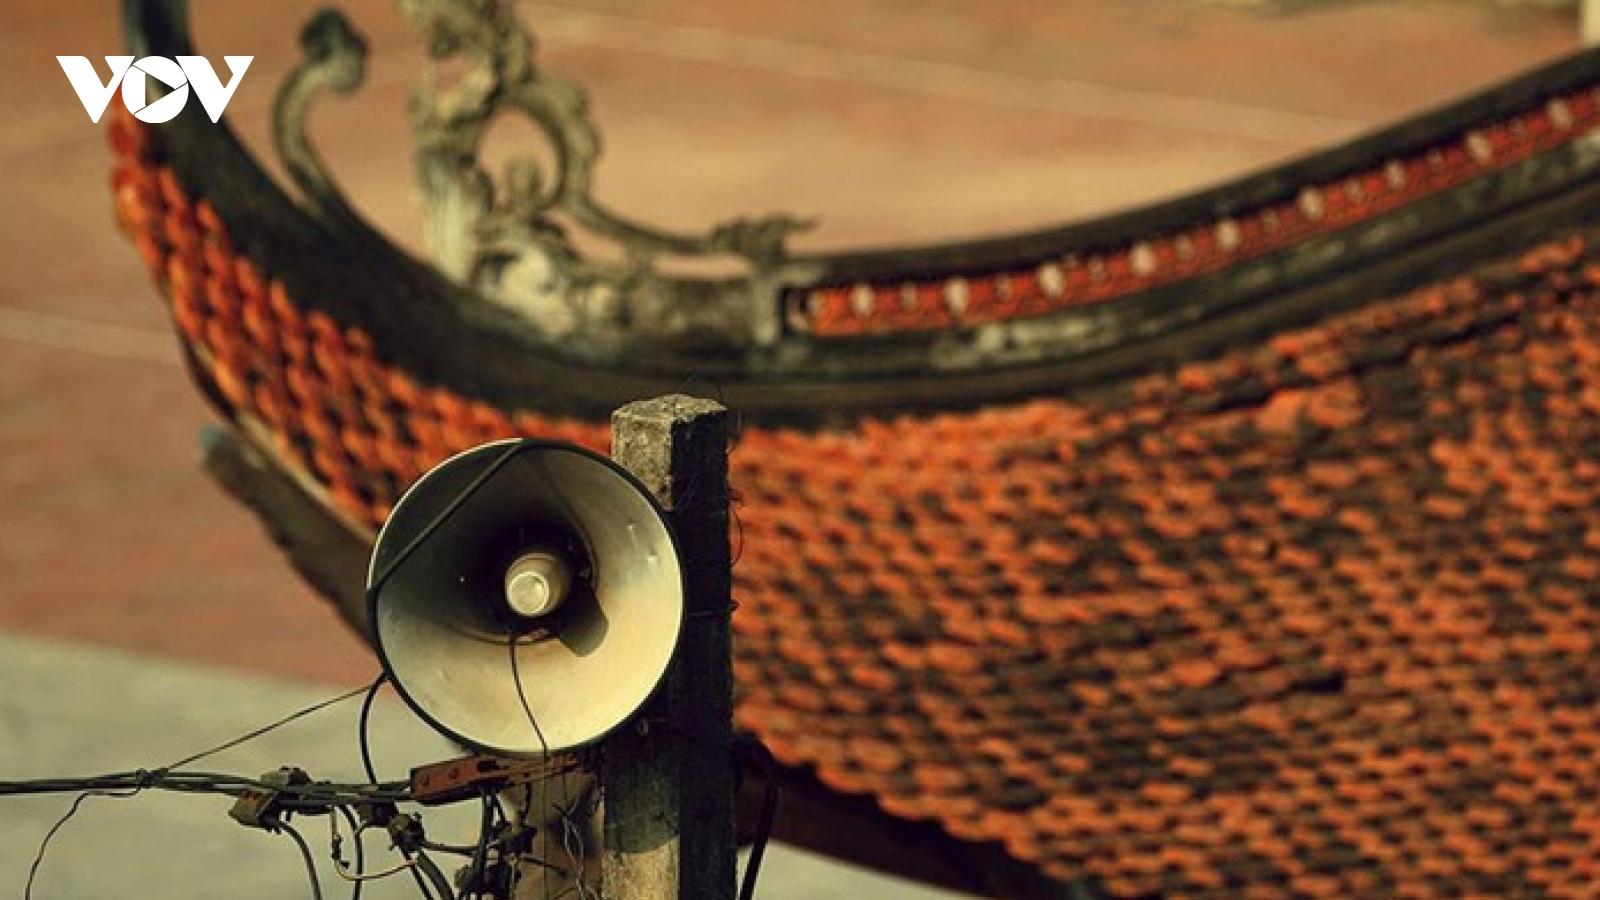 Truyền thanh cơ sở ở Hà Nội phát huy hiệu quả trong tuyên truyền phòng, chống dịch